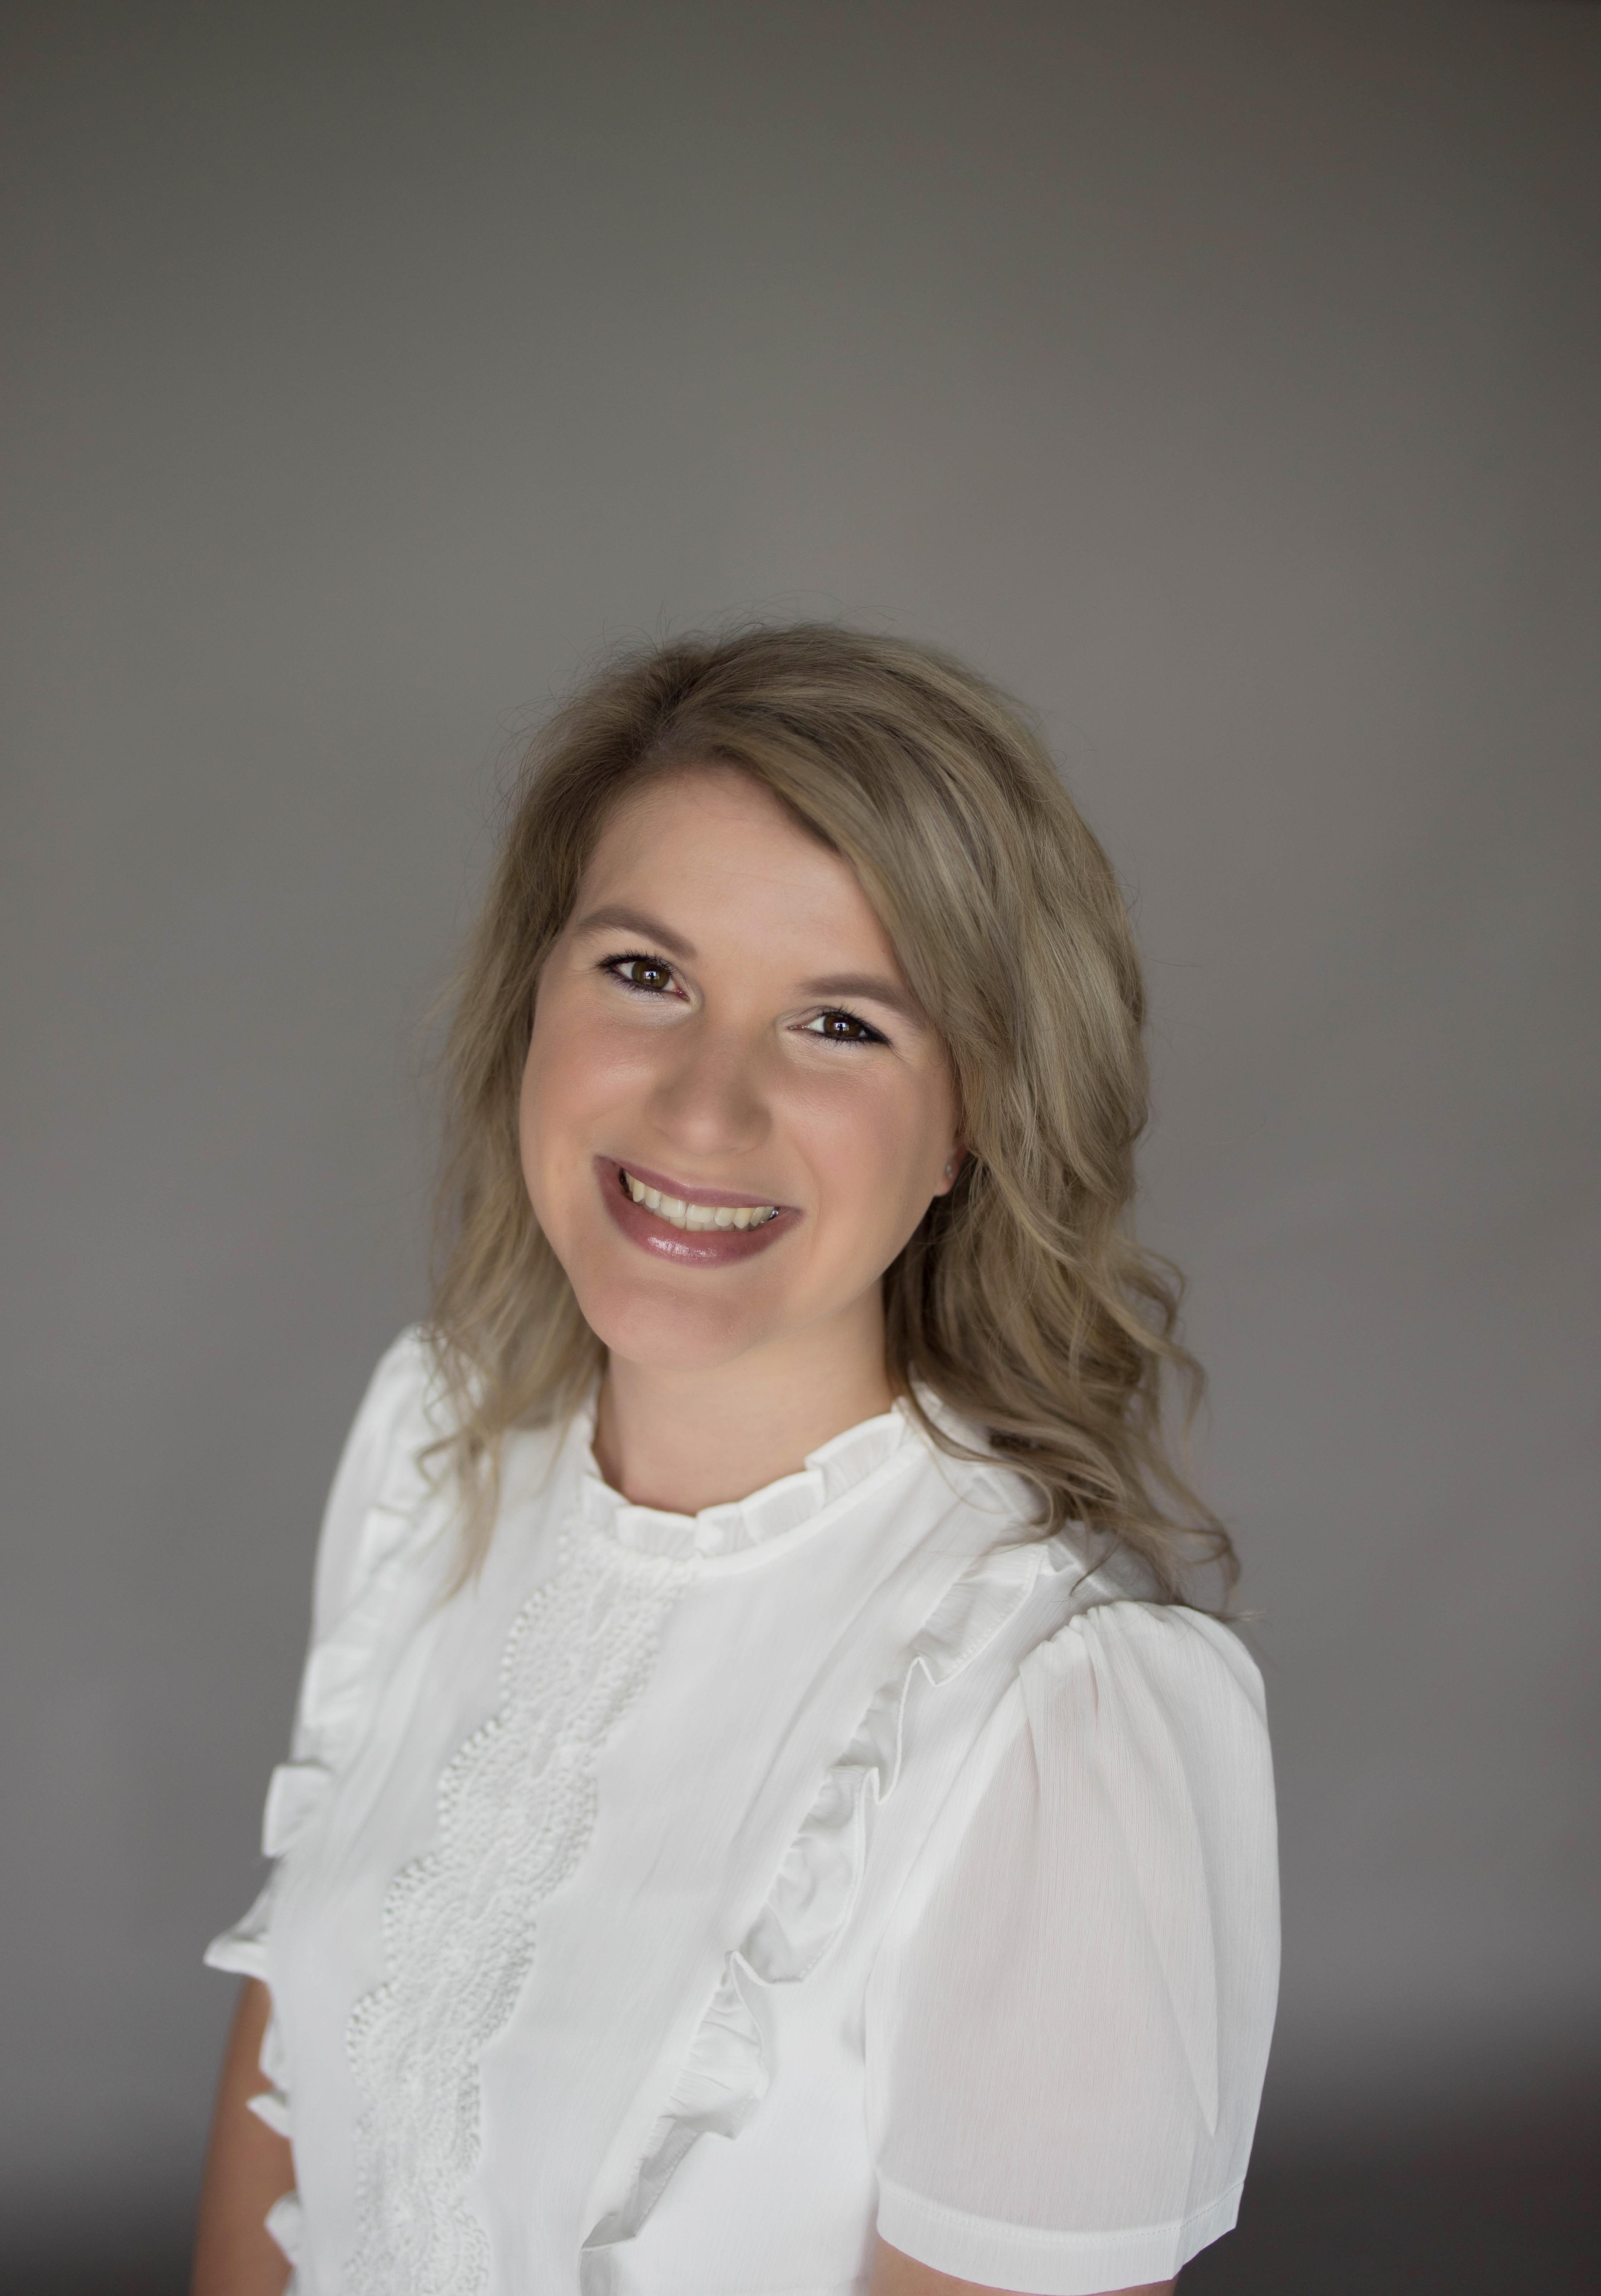 Megan Strain Assistant Principal